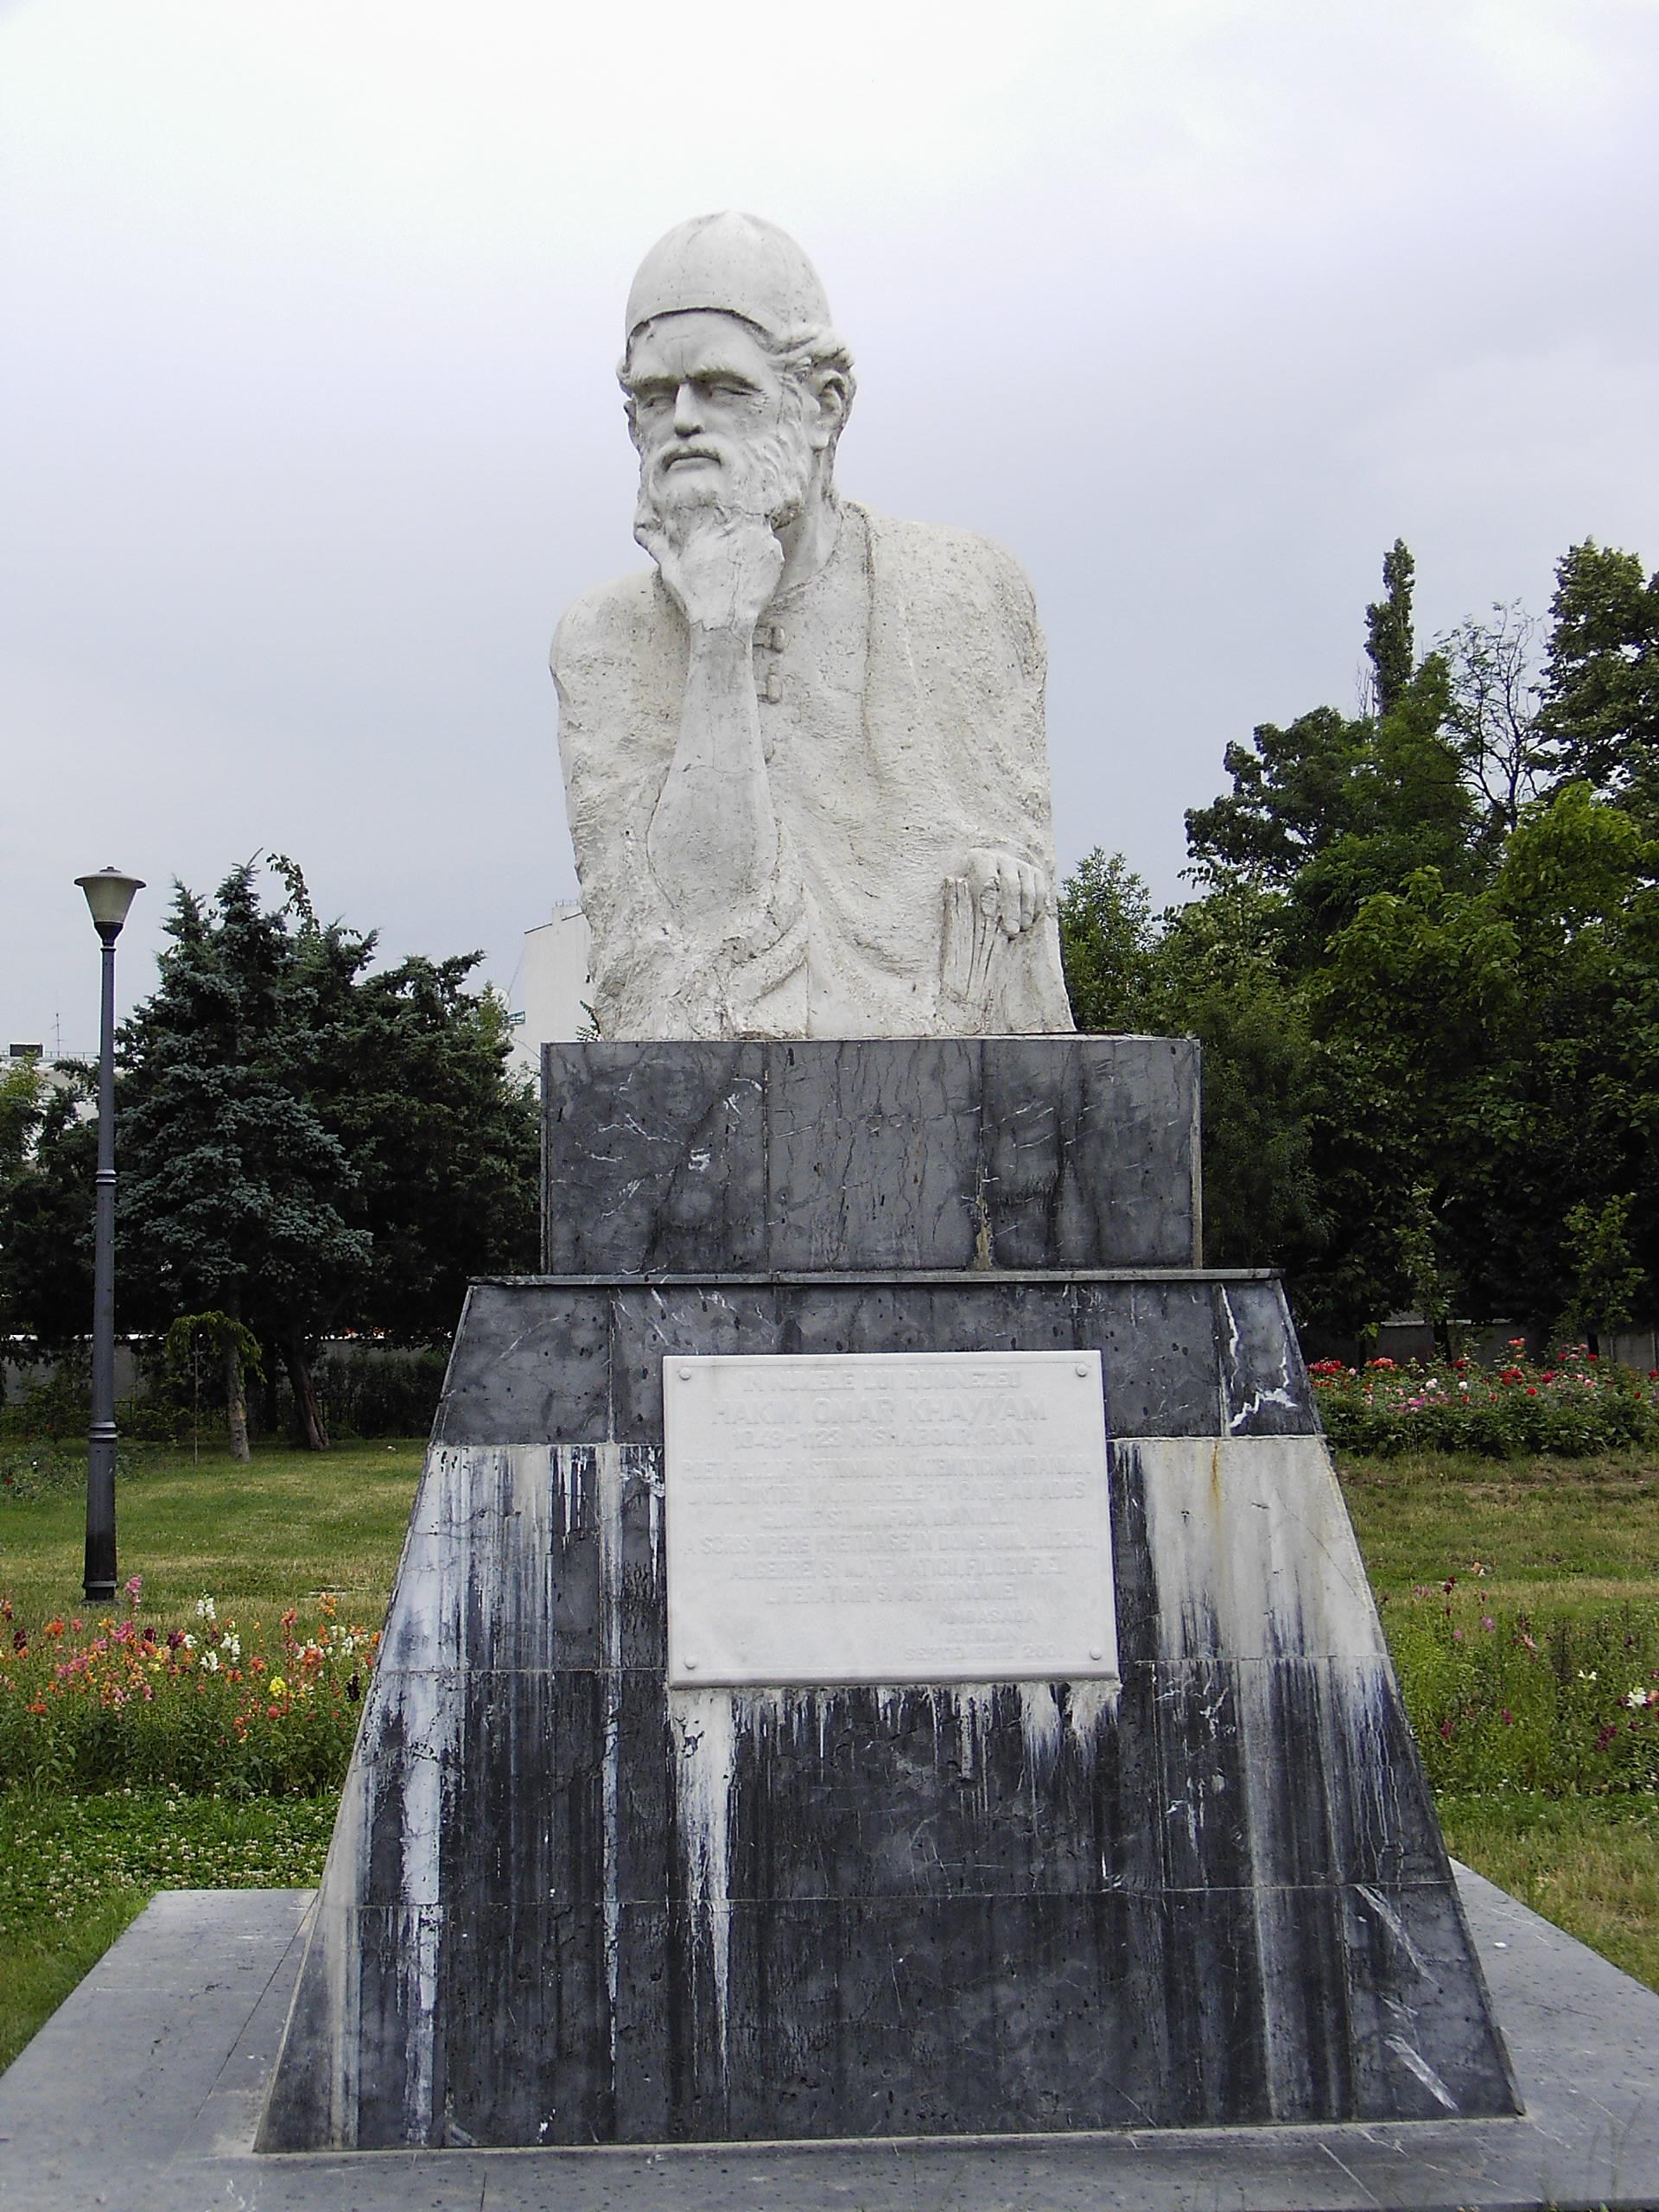 خیام شاید معروفترین ایرانی تمام دوران باشد - مجسمه خیام در رومانی